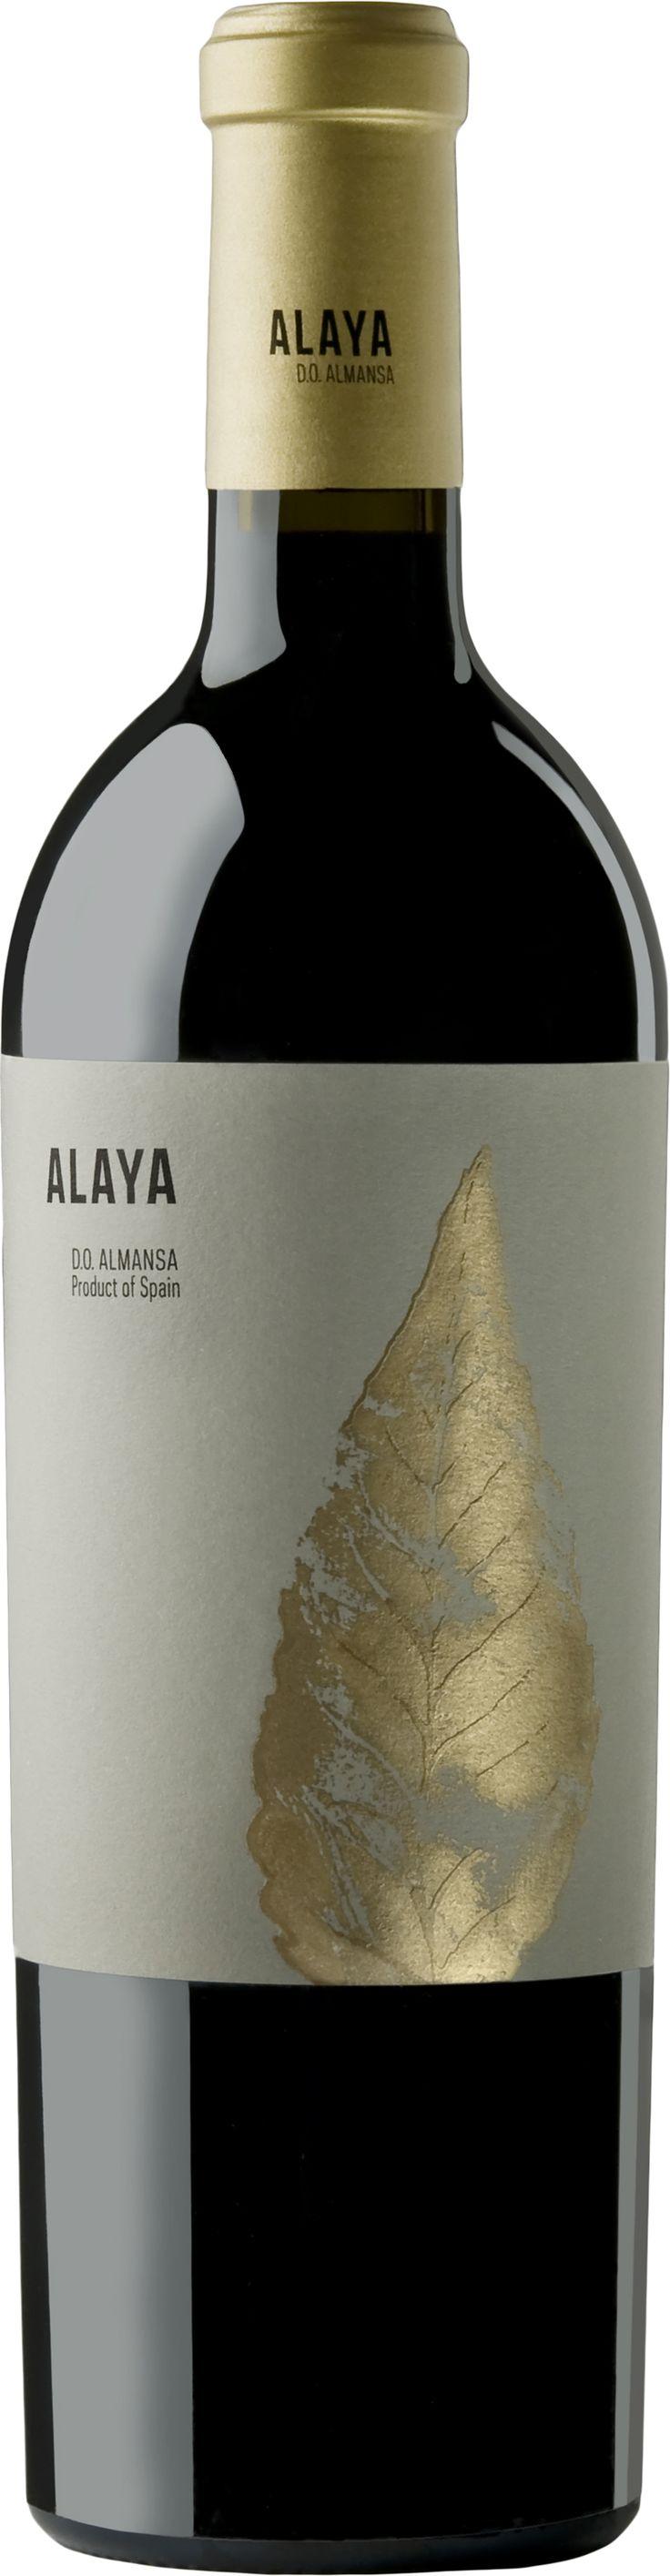 Vino tinto Alaya 2012 de Almansa D.O. Garnacha tintorera 100% Crianza de 15…